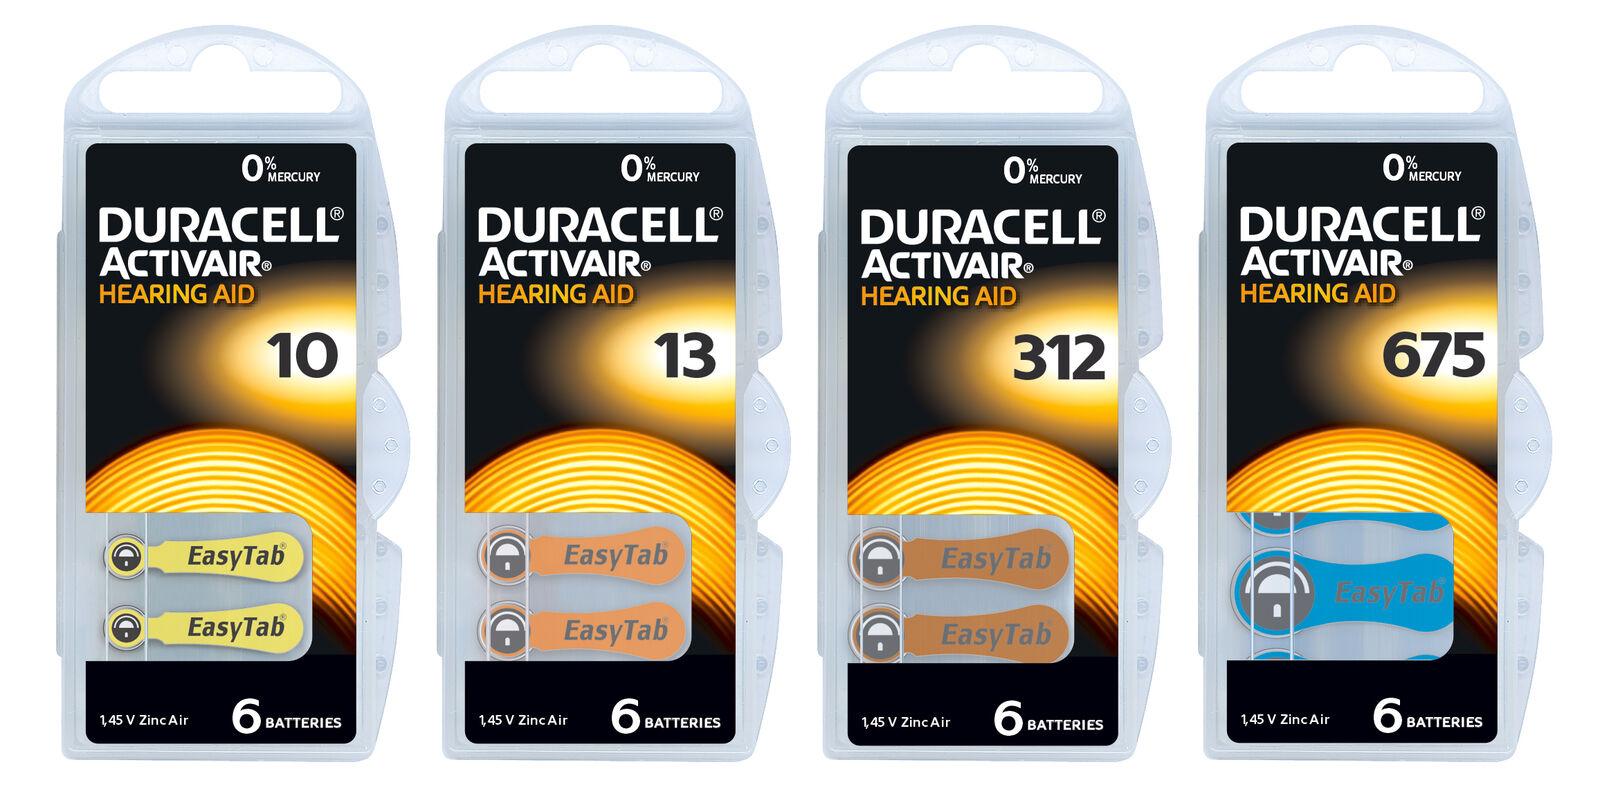 GemäßIgt Hörgerätebatterien Typ 10-13 Siemens Brillant, 312-675: Duracell